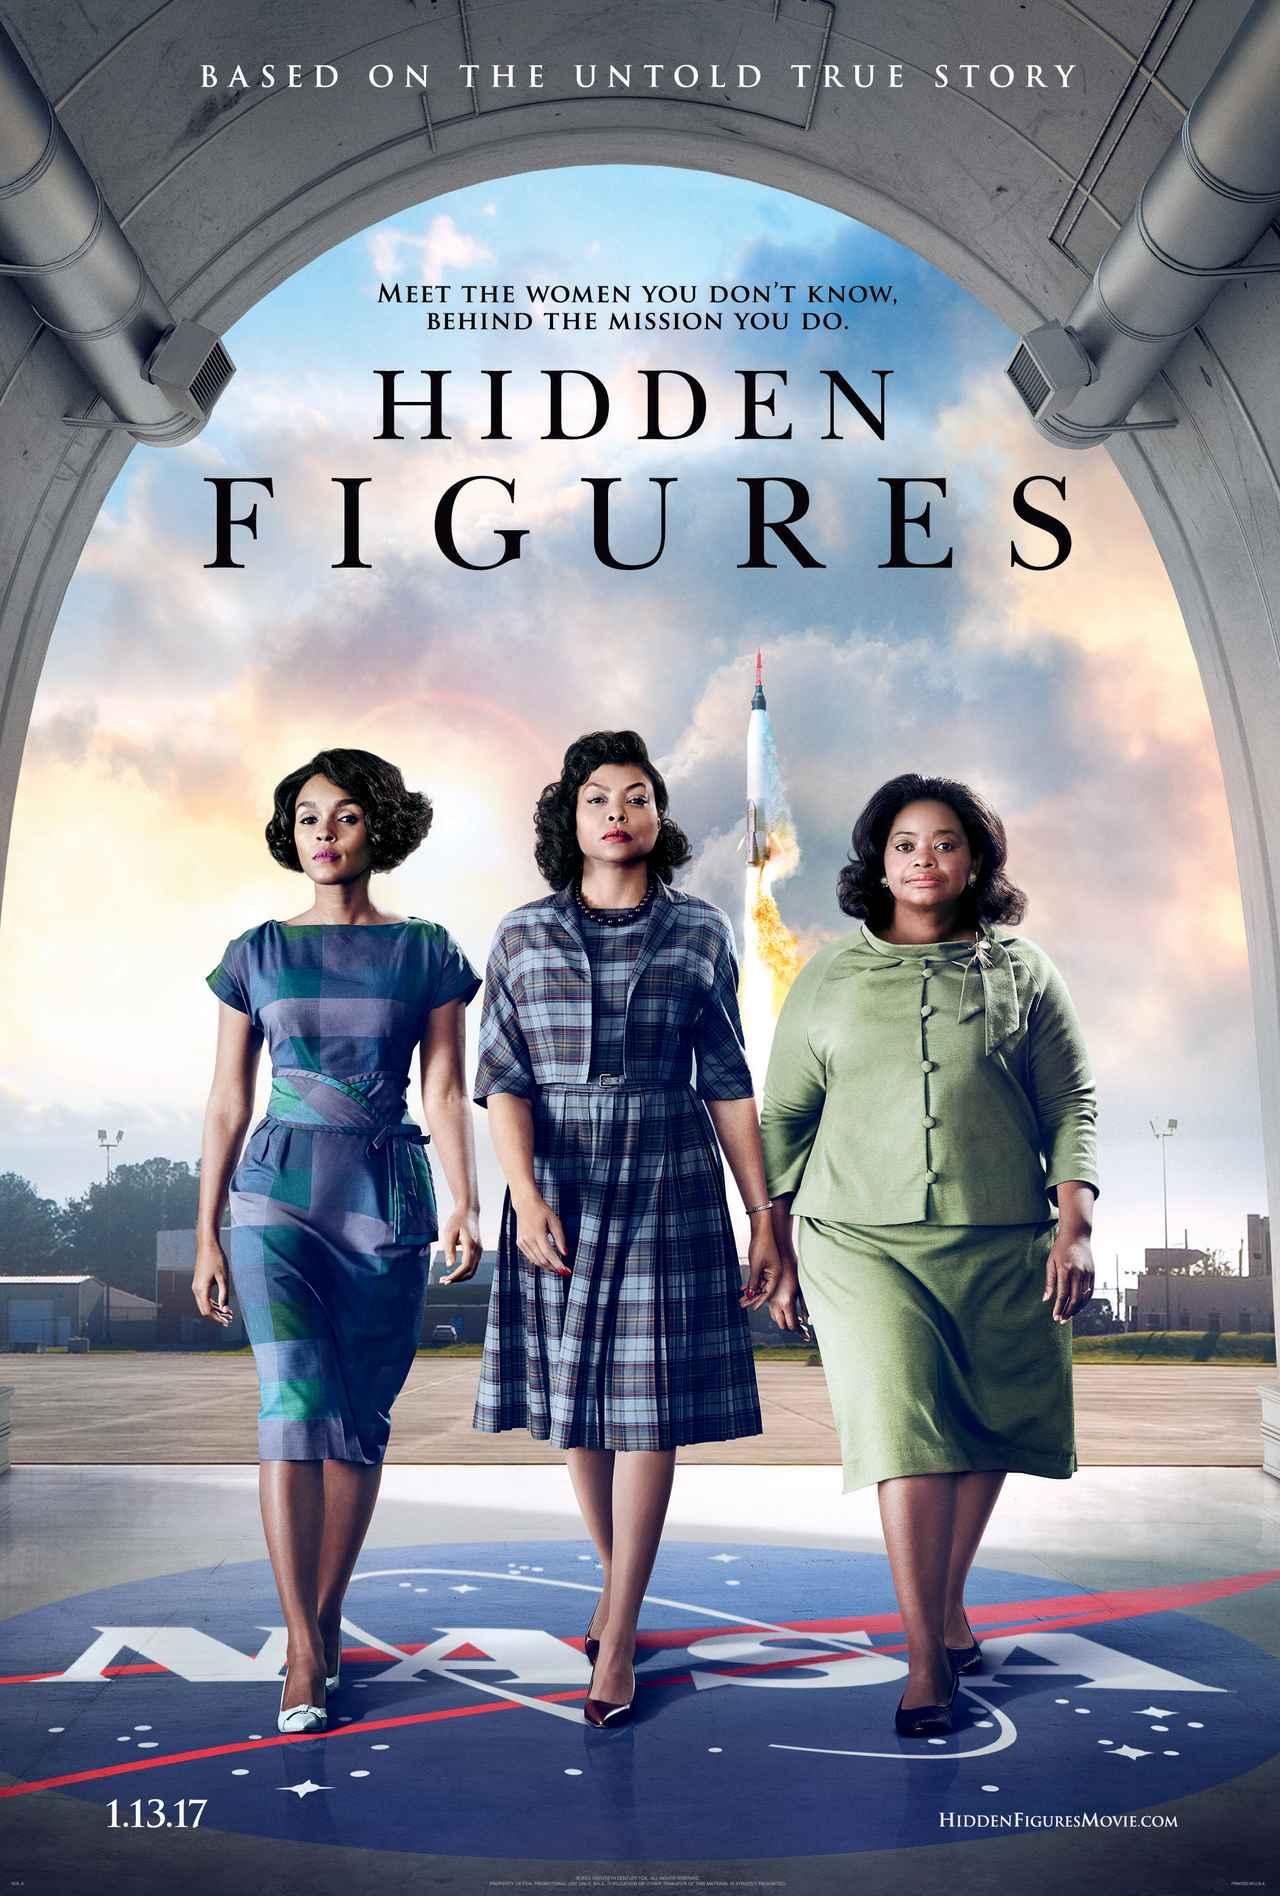 画像1: http://www.blackfilm.com/read/2016/08/poster-hidden-figures/